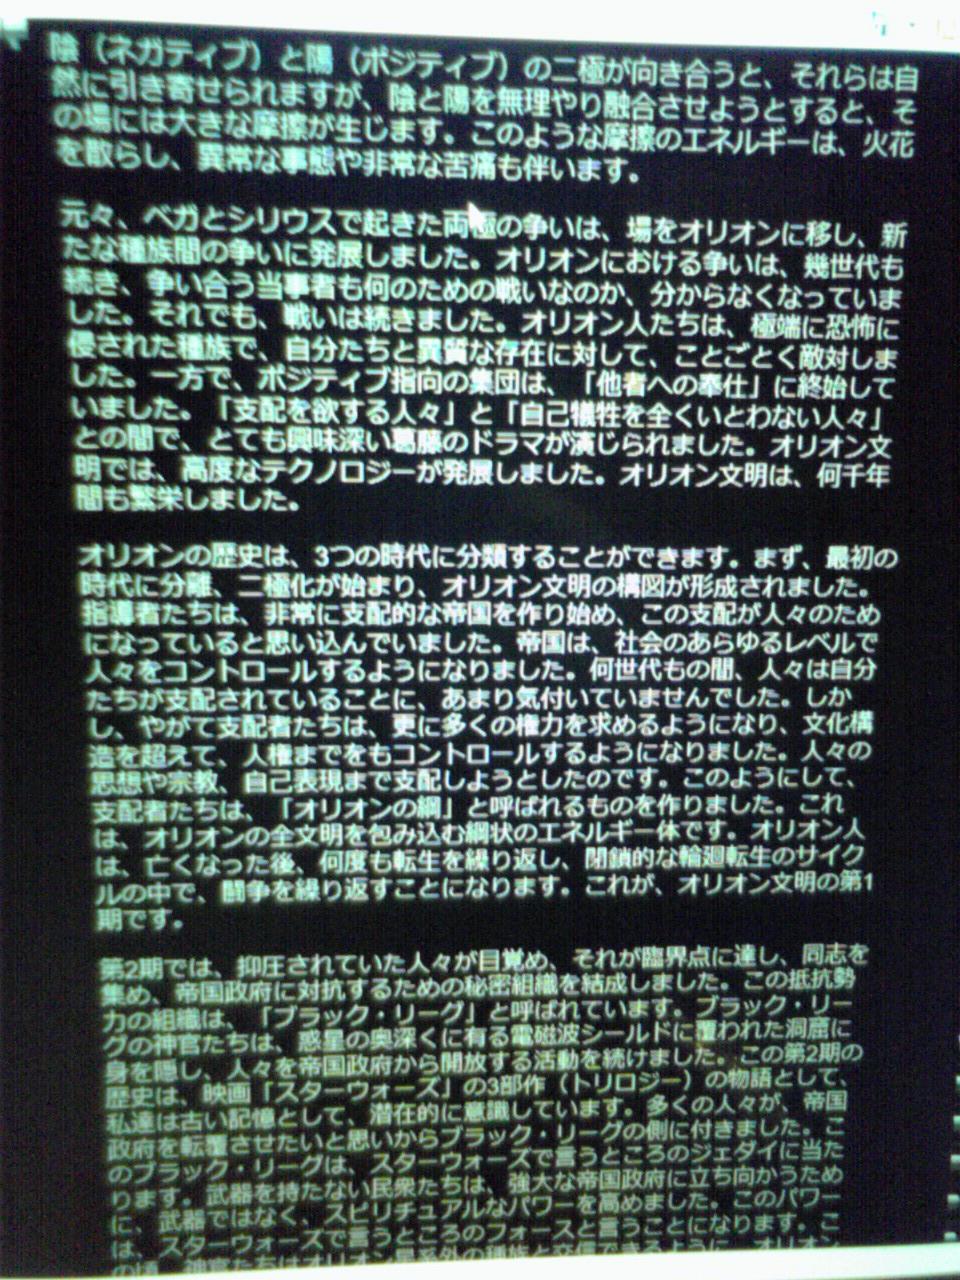 f:id:uta_stream:20210311102653j:plain